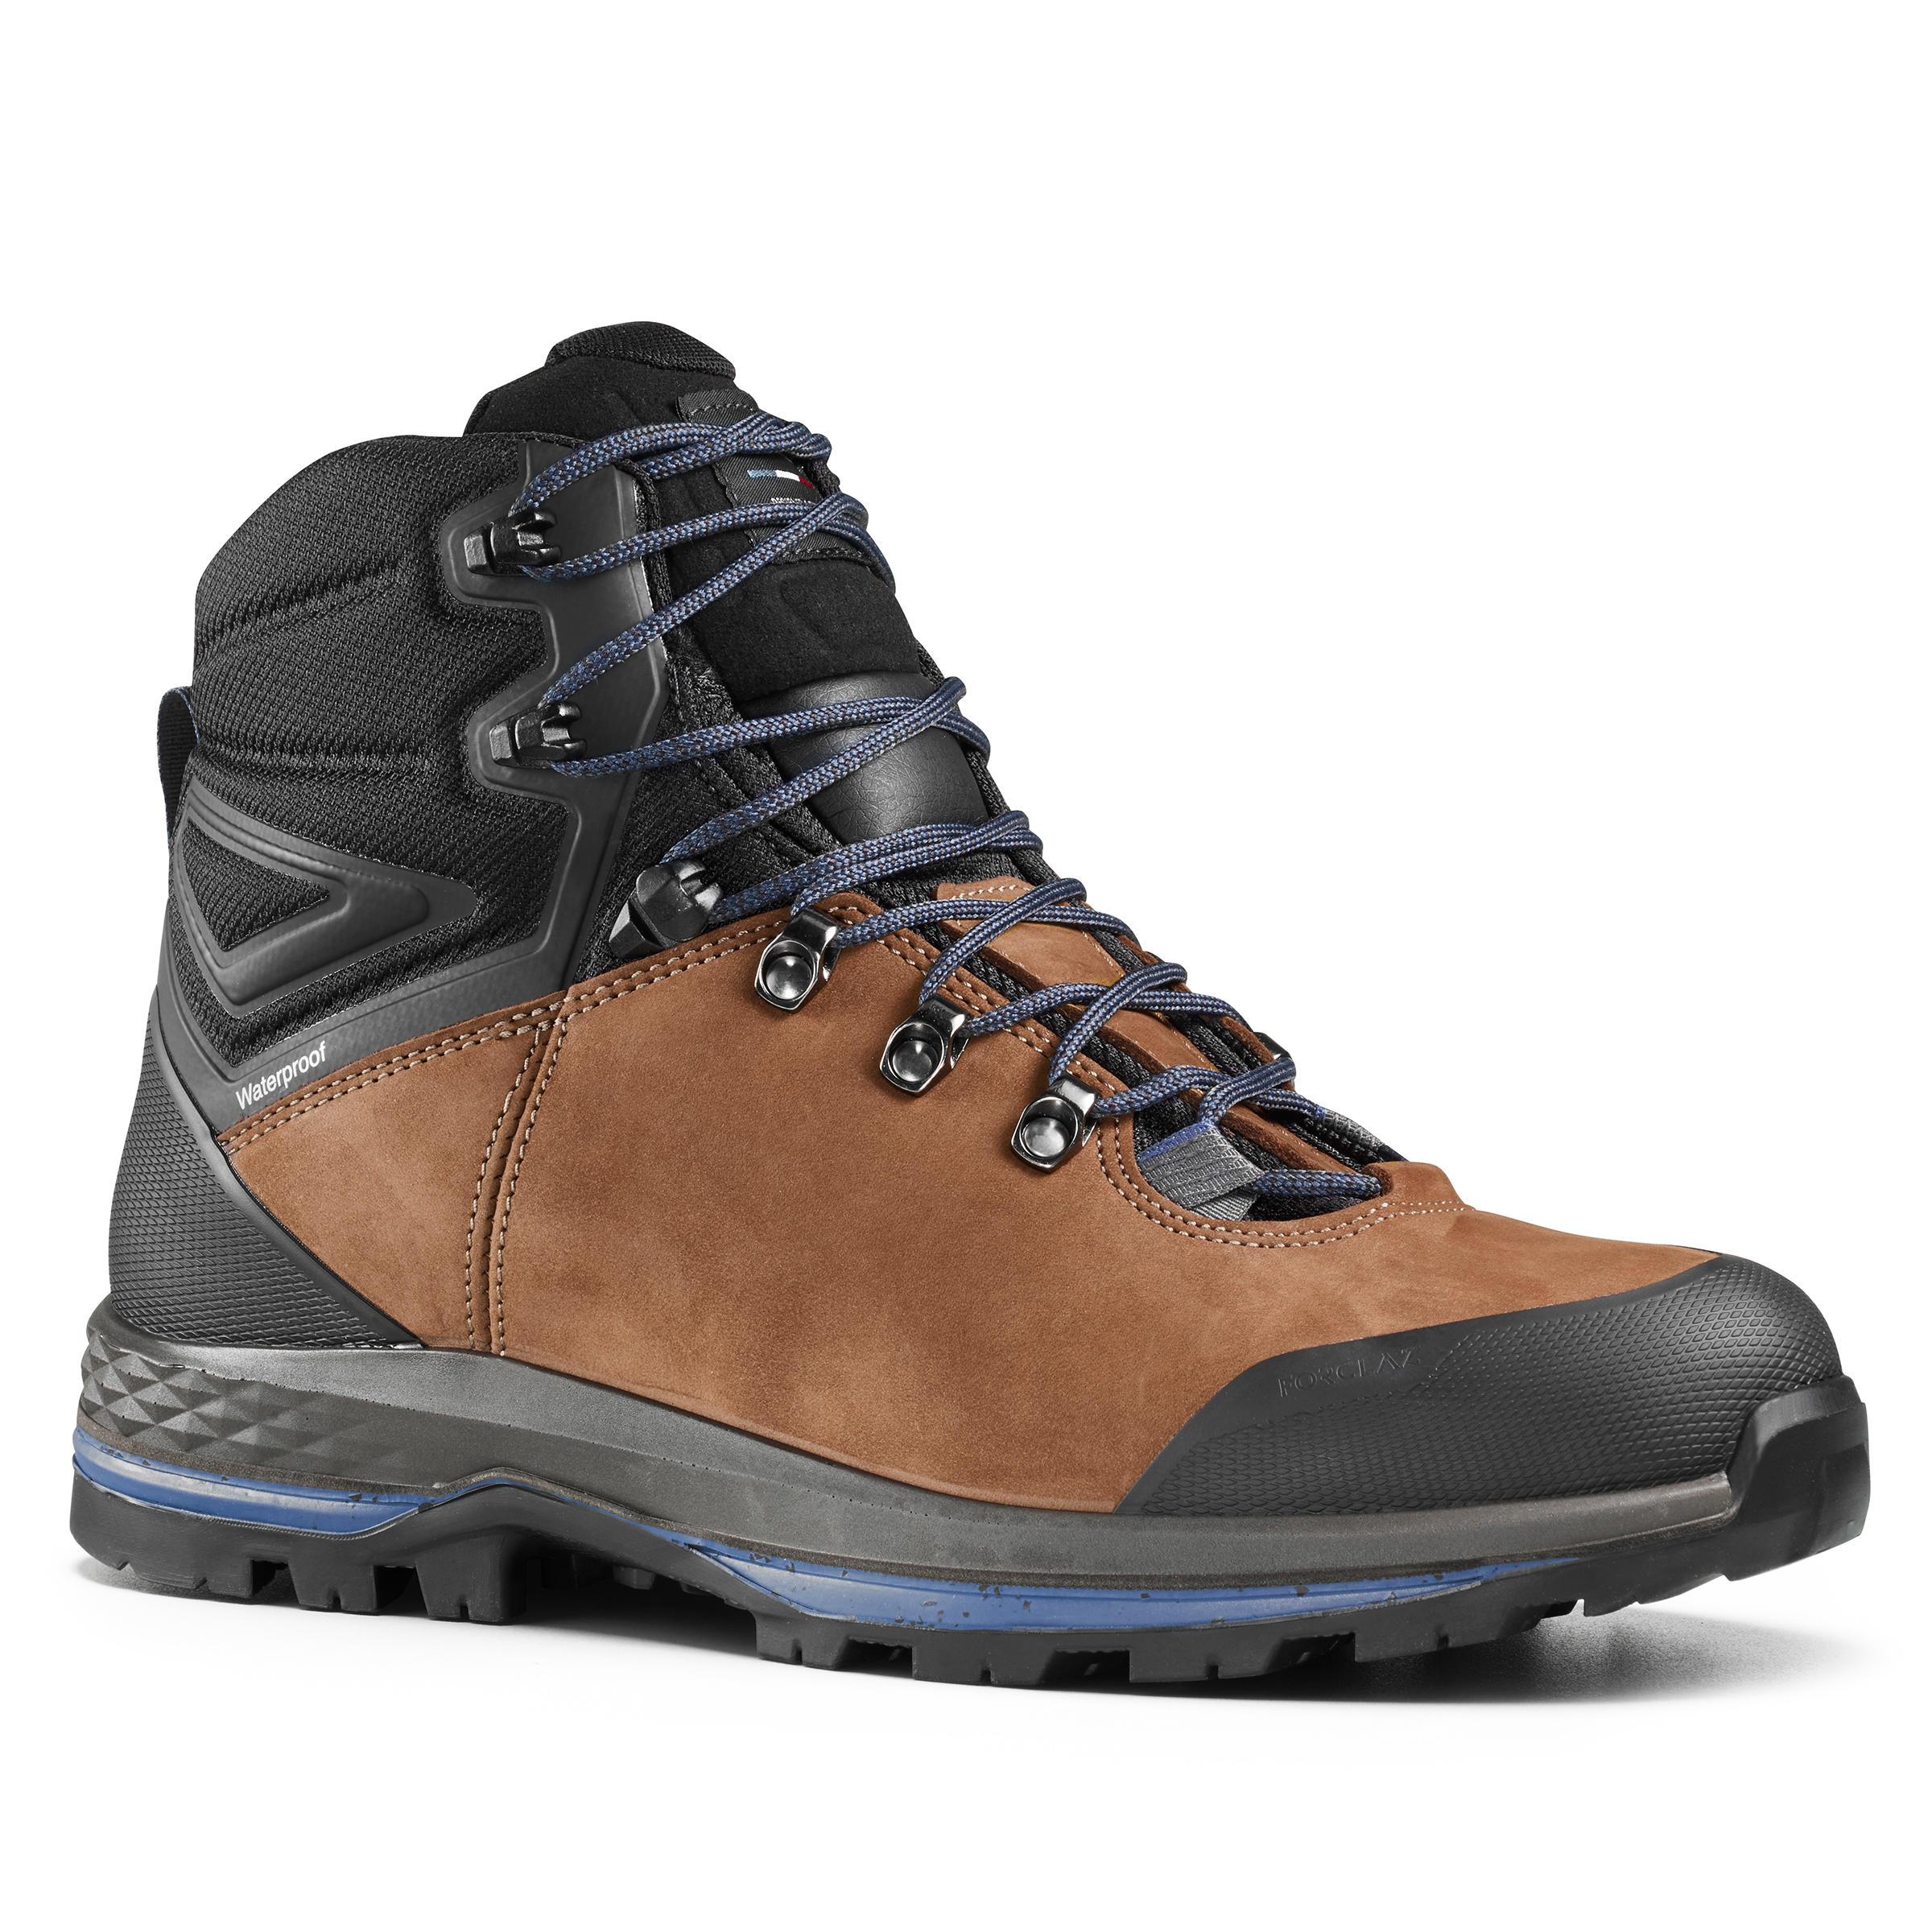 Chaussures de trekking montagne TREK100 cuir homme - Forclaz